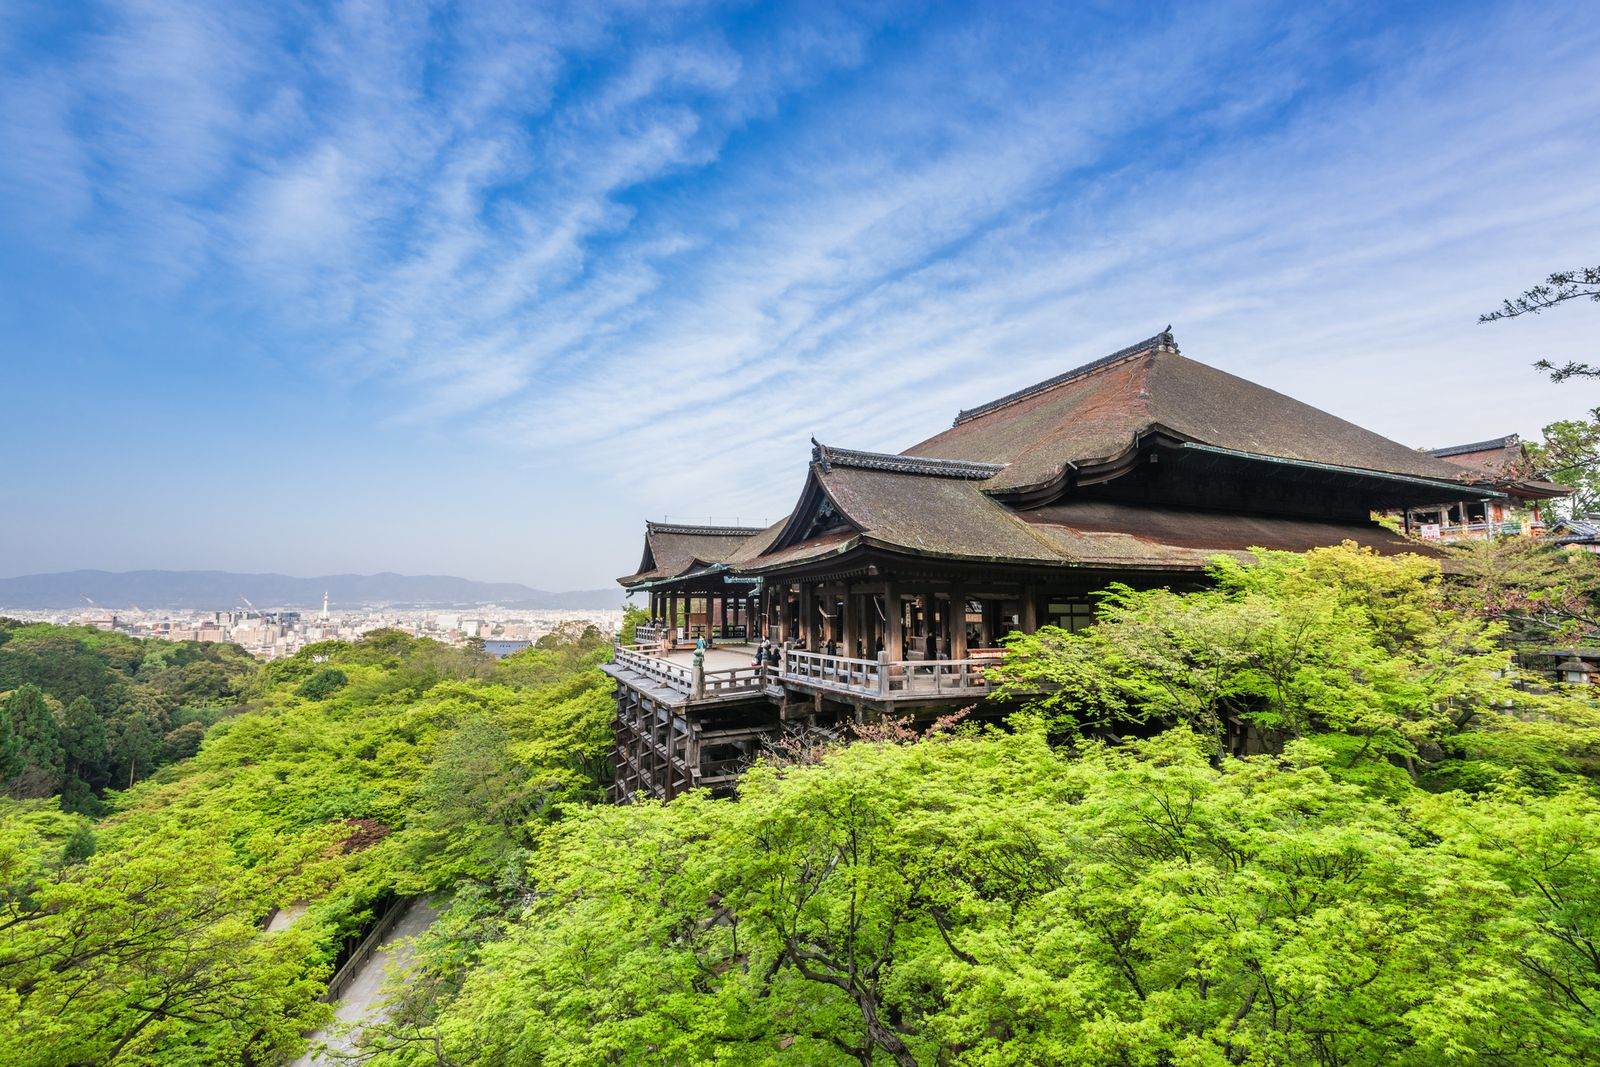 【完全版】京都に行くなら絶対ここ!朝食も美味しい京都のホテルTOP30                被災エリアの情報掲載に関してこのまとめ記事の目次